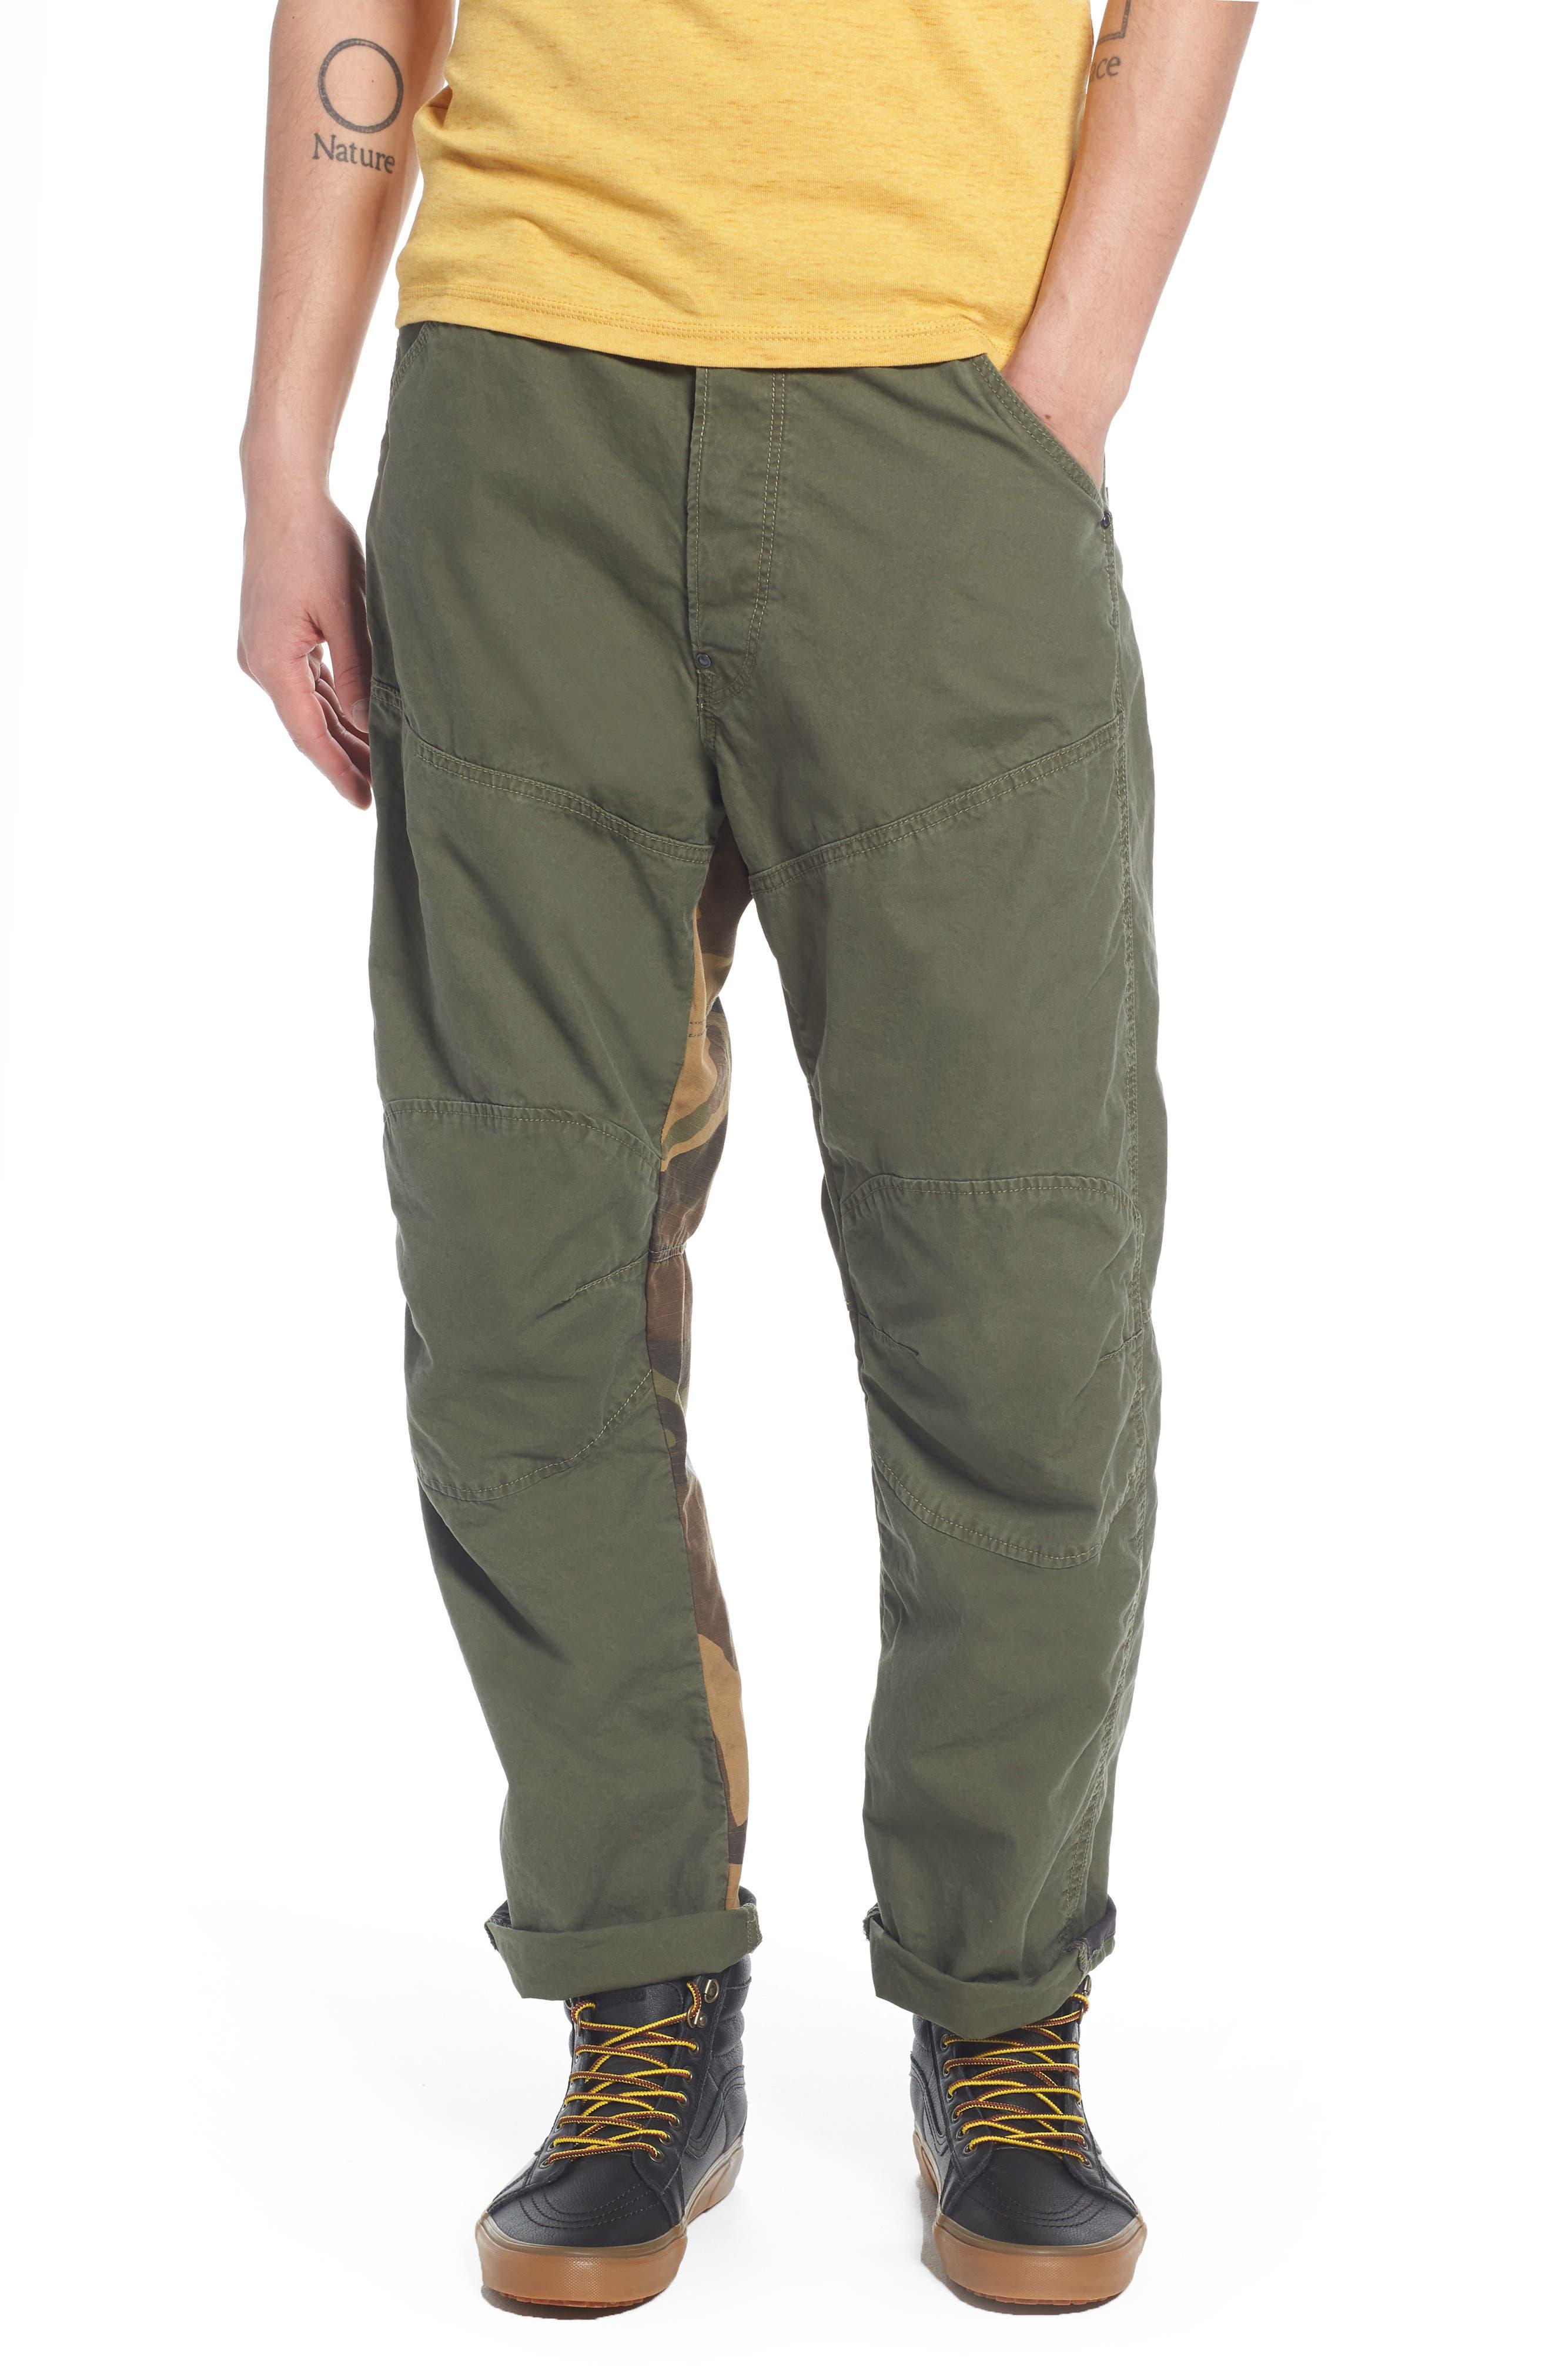 5620 SPM 3D Pants,                         Main,                         color, 300